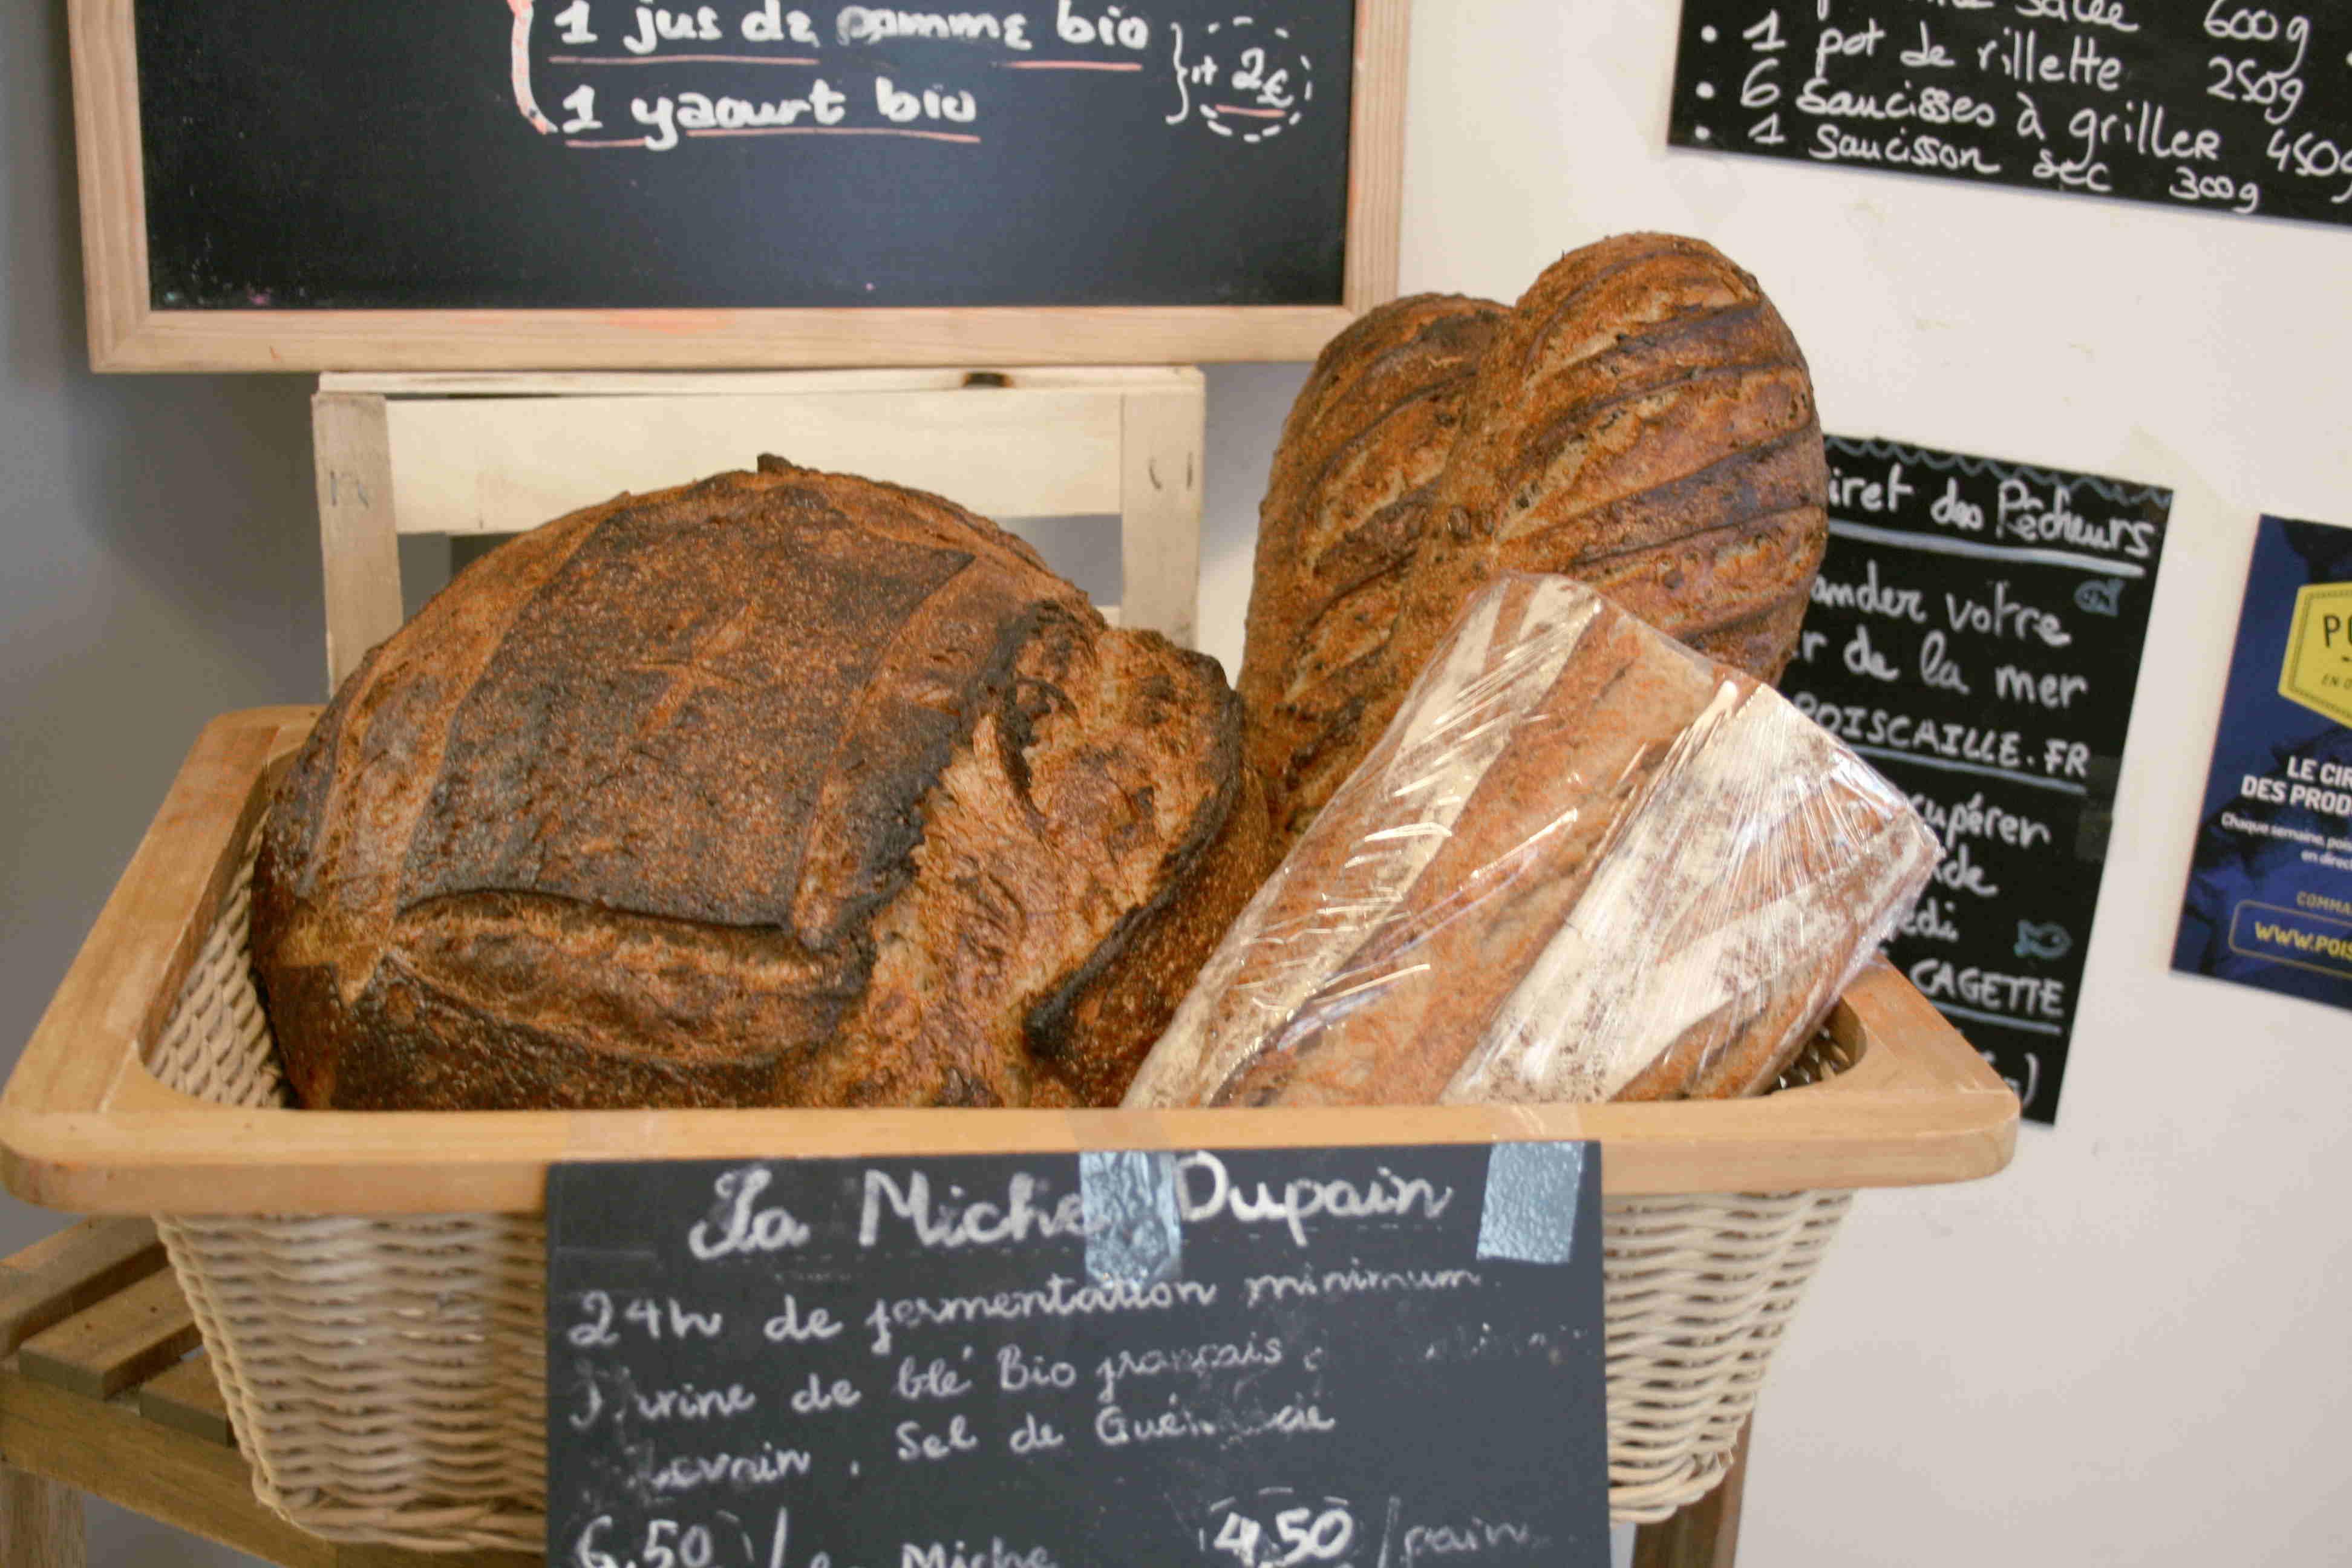 Bread bio